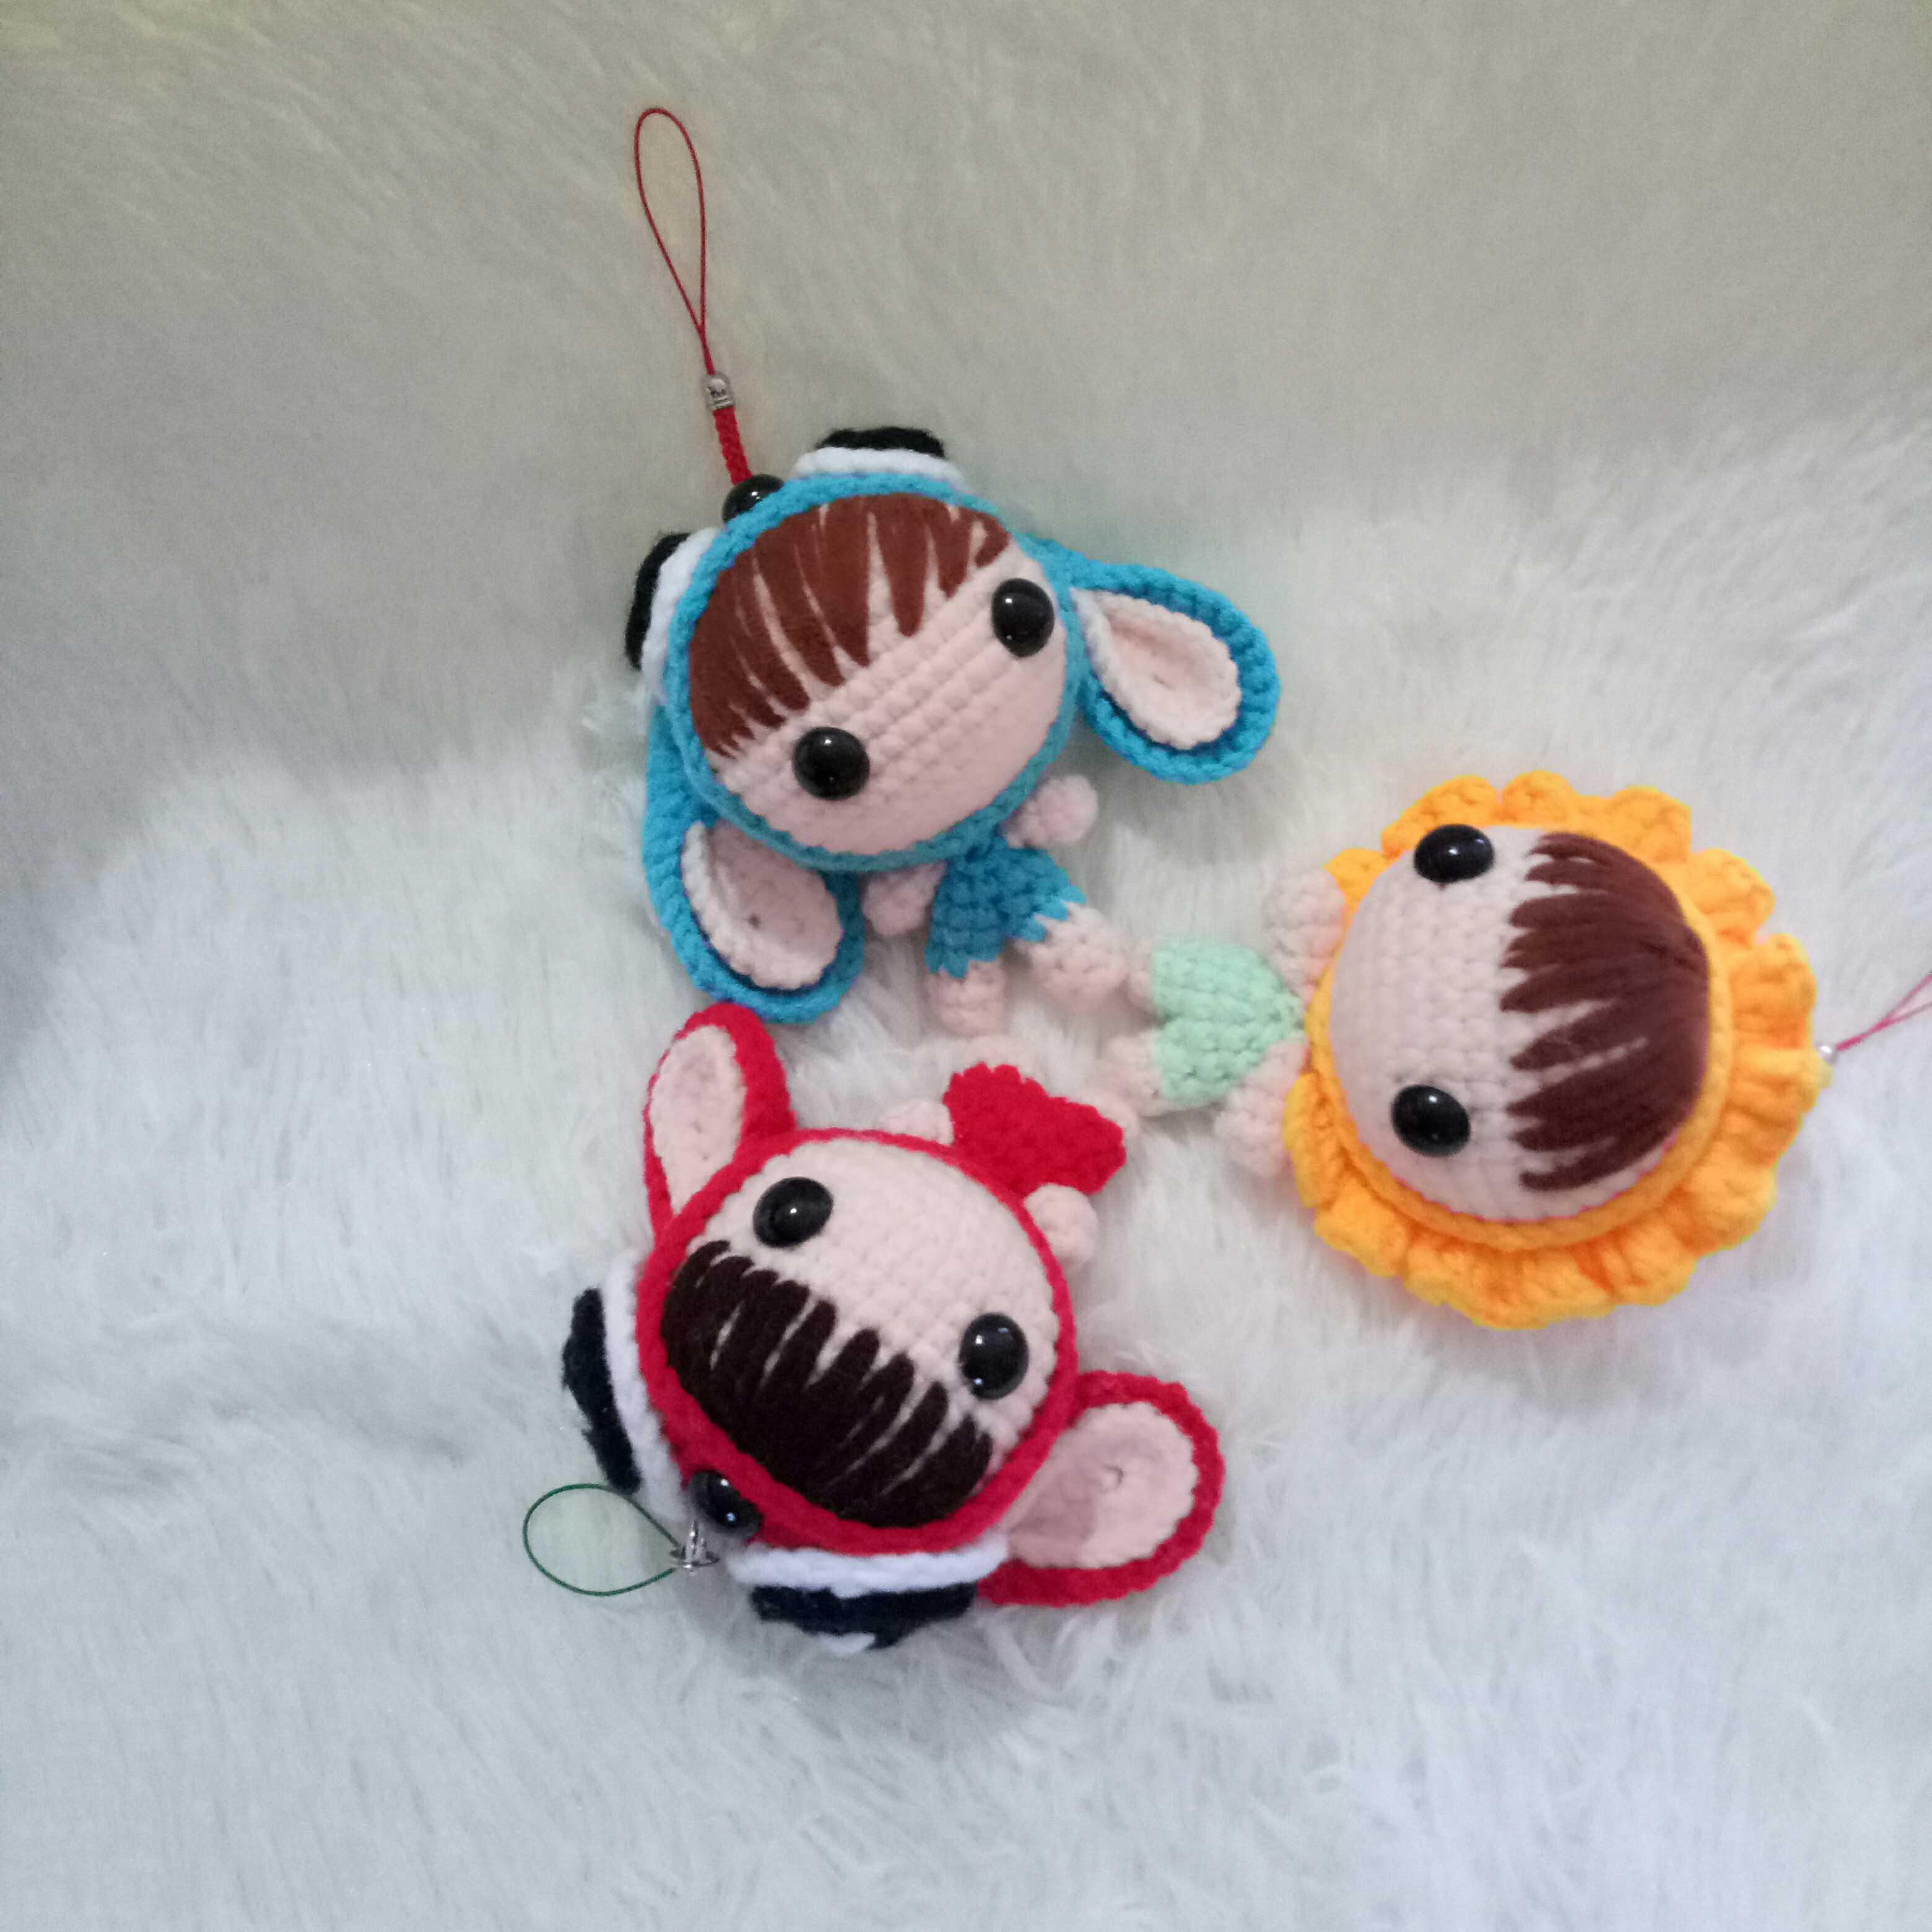 Аксессуары для кукол Артикул 577931016320